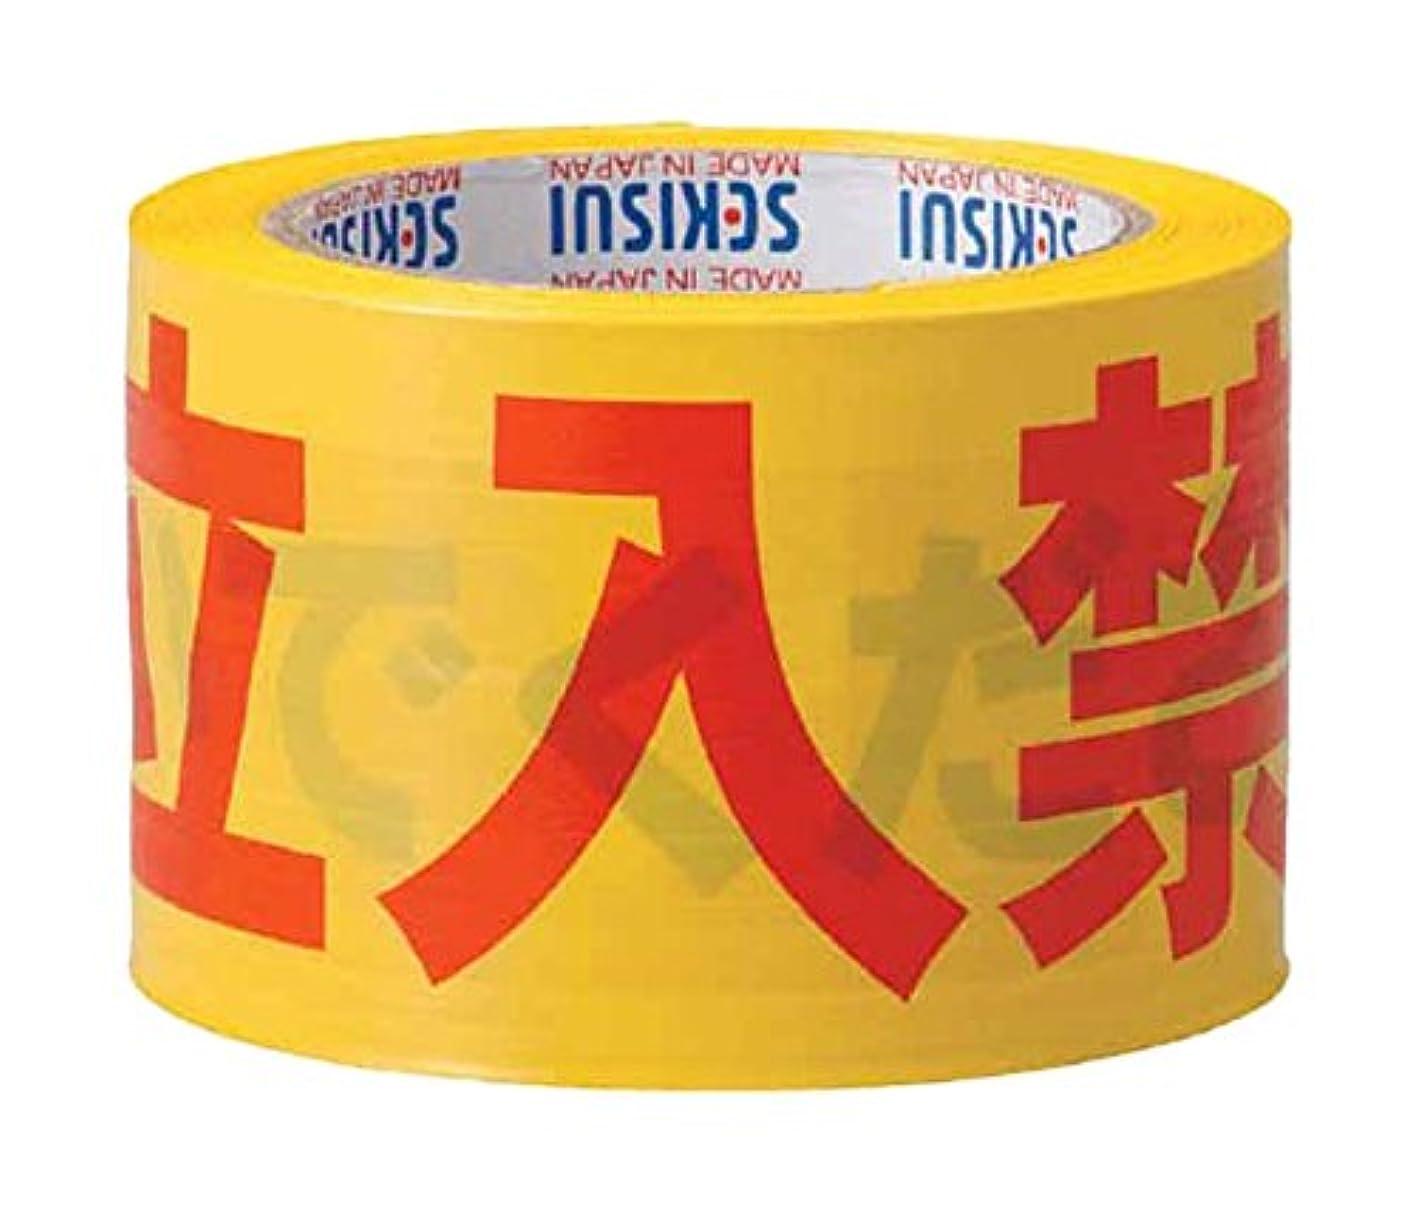 積水 標識テープ 70mmX50m 黄?赤?黒 立入禁止 J5M2302